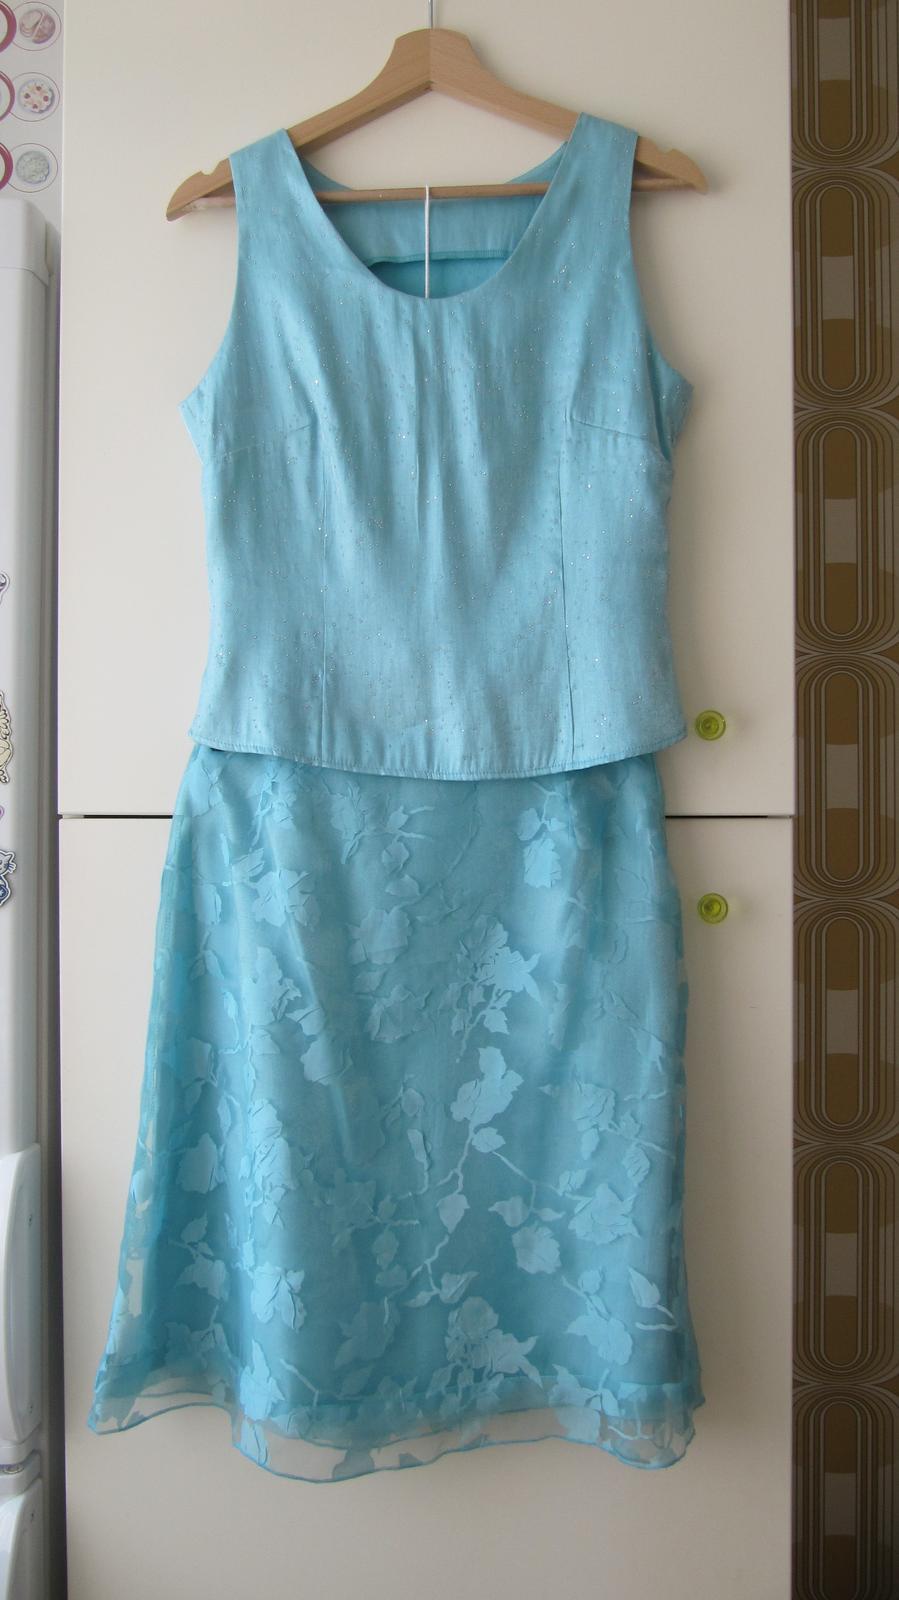 Dámská sukně s topem - Obrázek č. 1